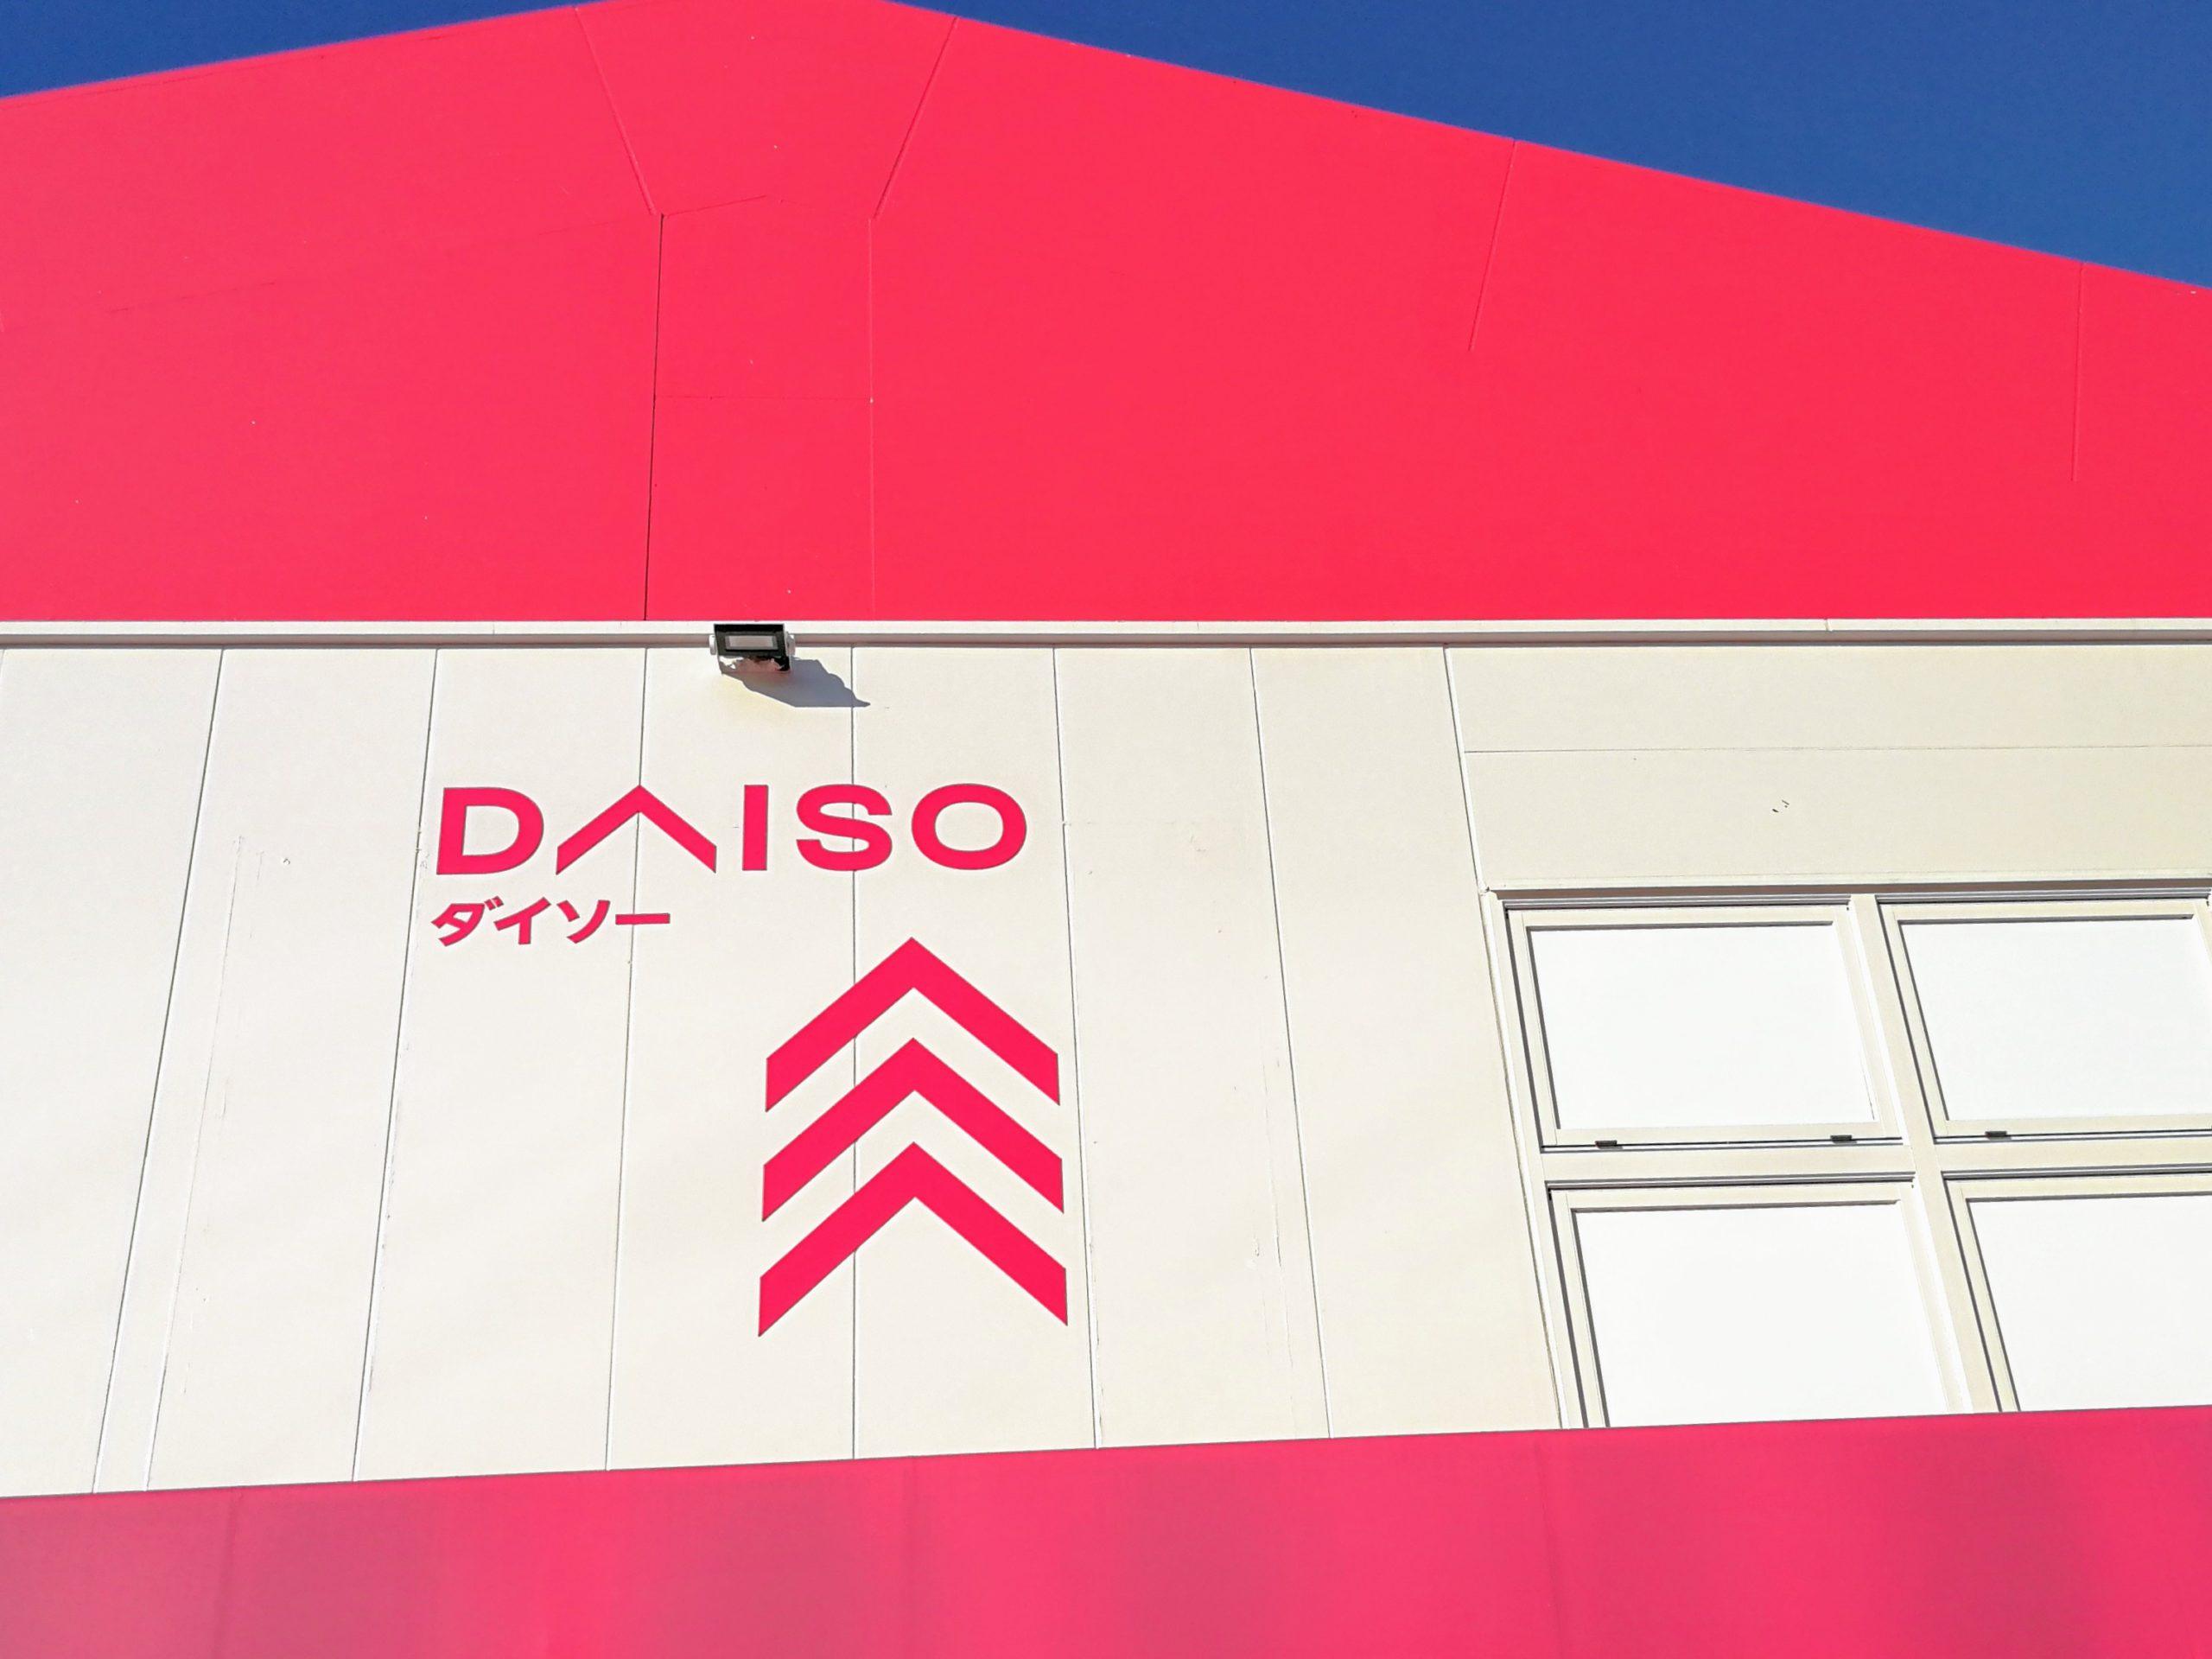 ビビッドな濃ピンクが映えるダイソーの店舗